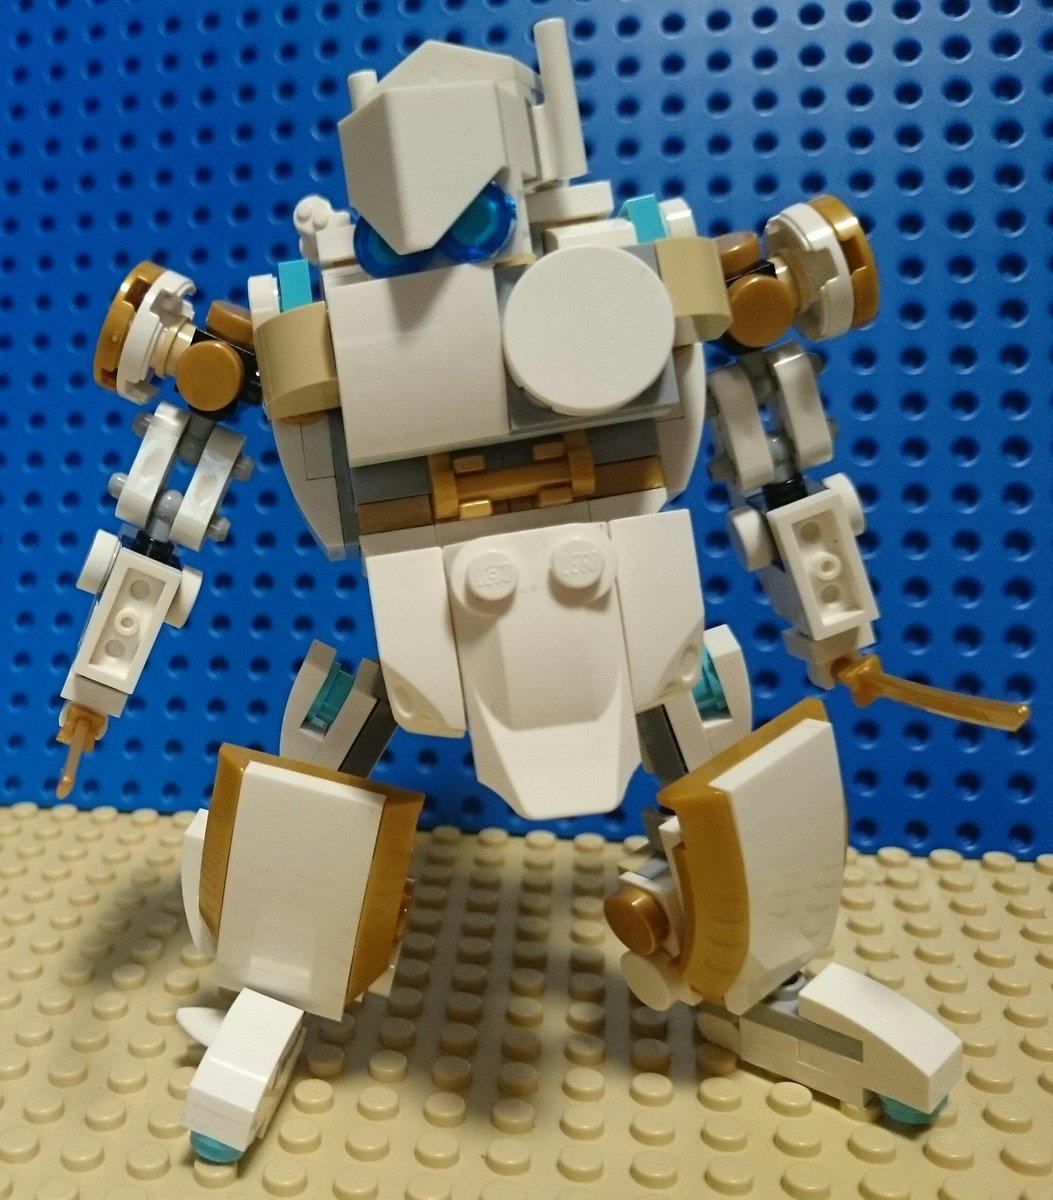 レゴのミニフィグ乗りロボット完成🎵ニンジャゴーの白いドラゴンパーツを使いました。#LEGO #RobotWars